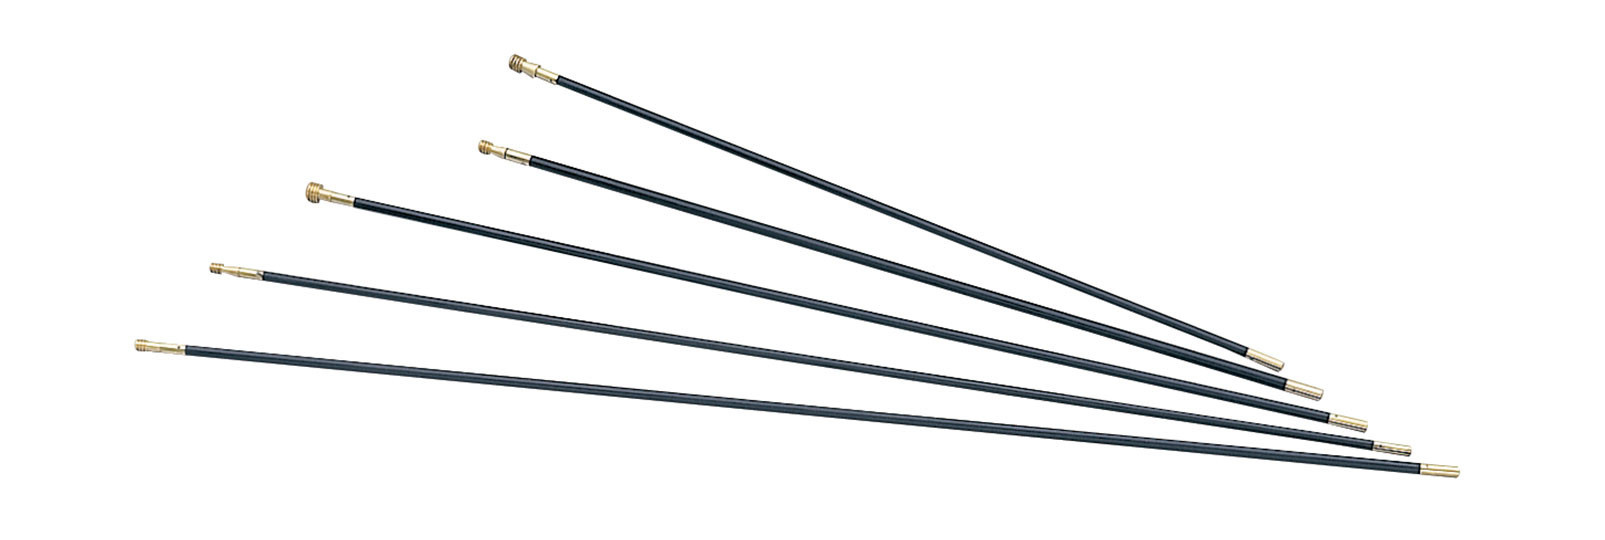 Muzzleloading Fiberglass ramrods 9x980 mm